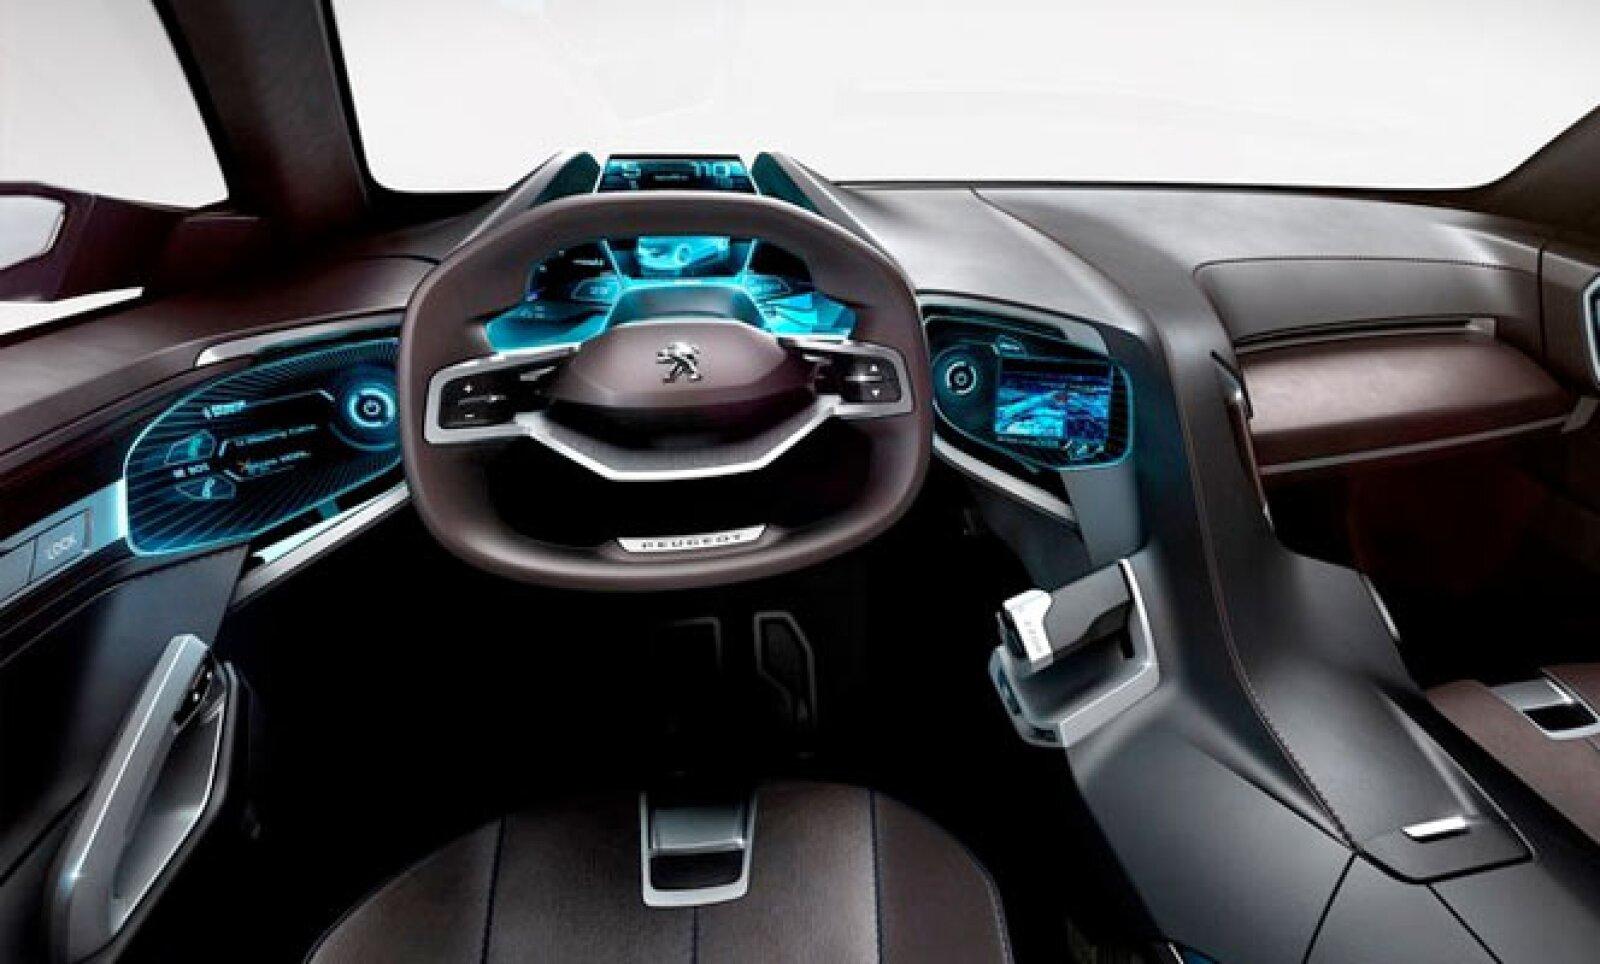 La firma no reveló cuándo podría iniciar la comercialización de este vehículo en Europa, ni su precio aproximado.